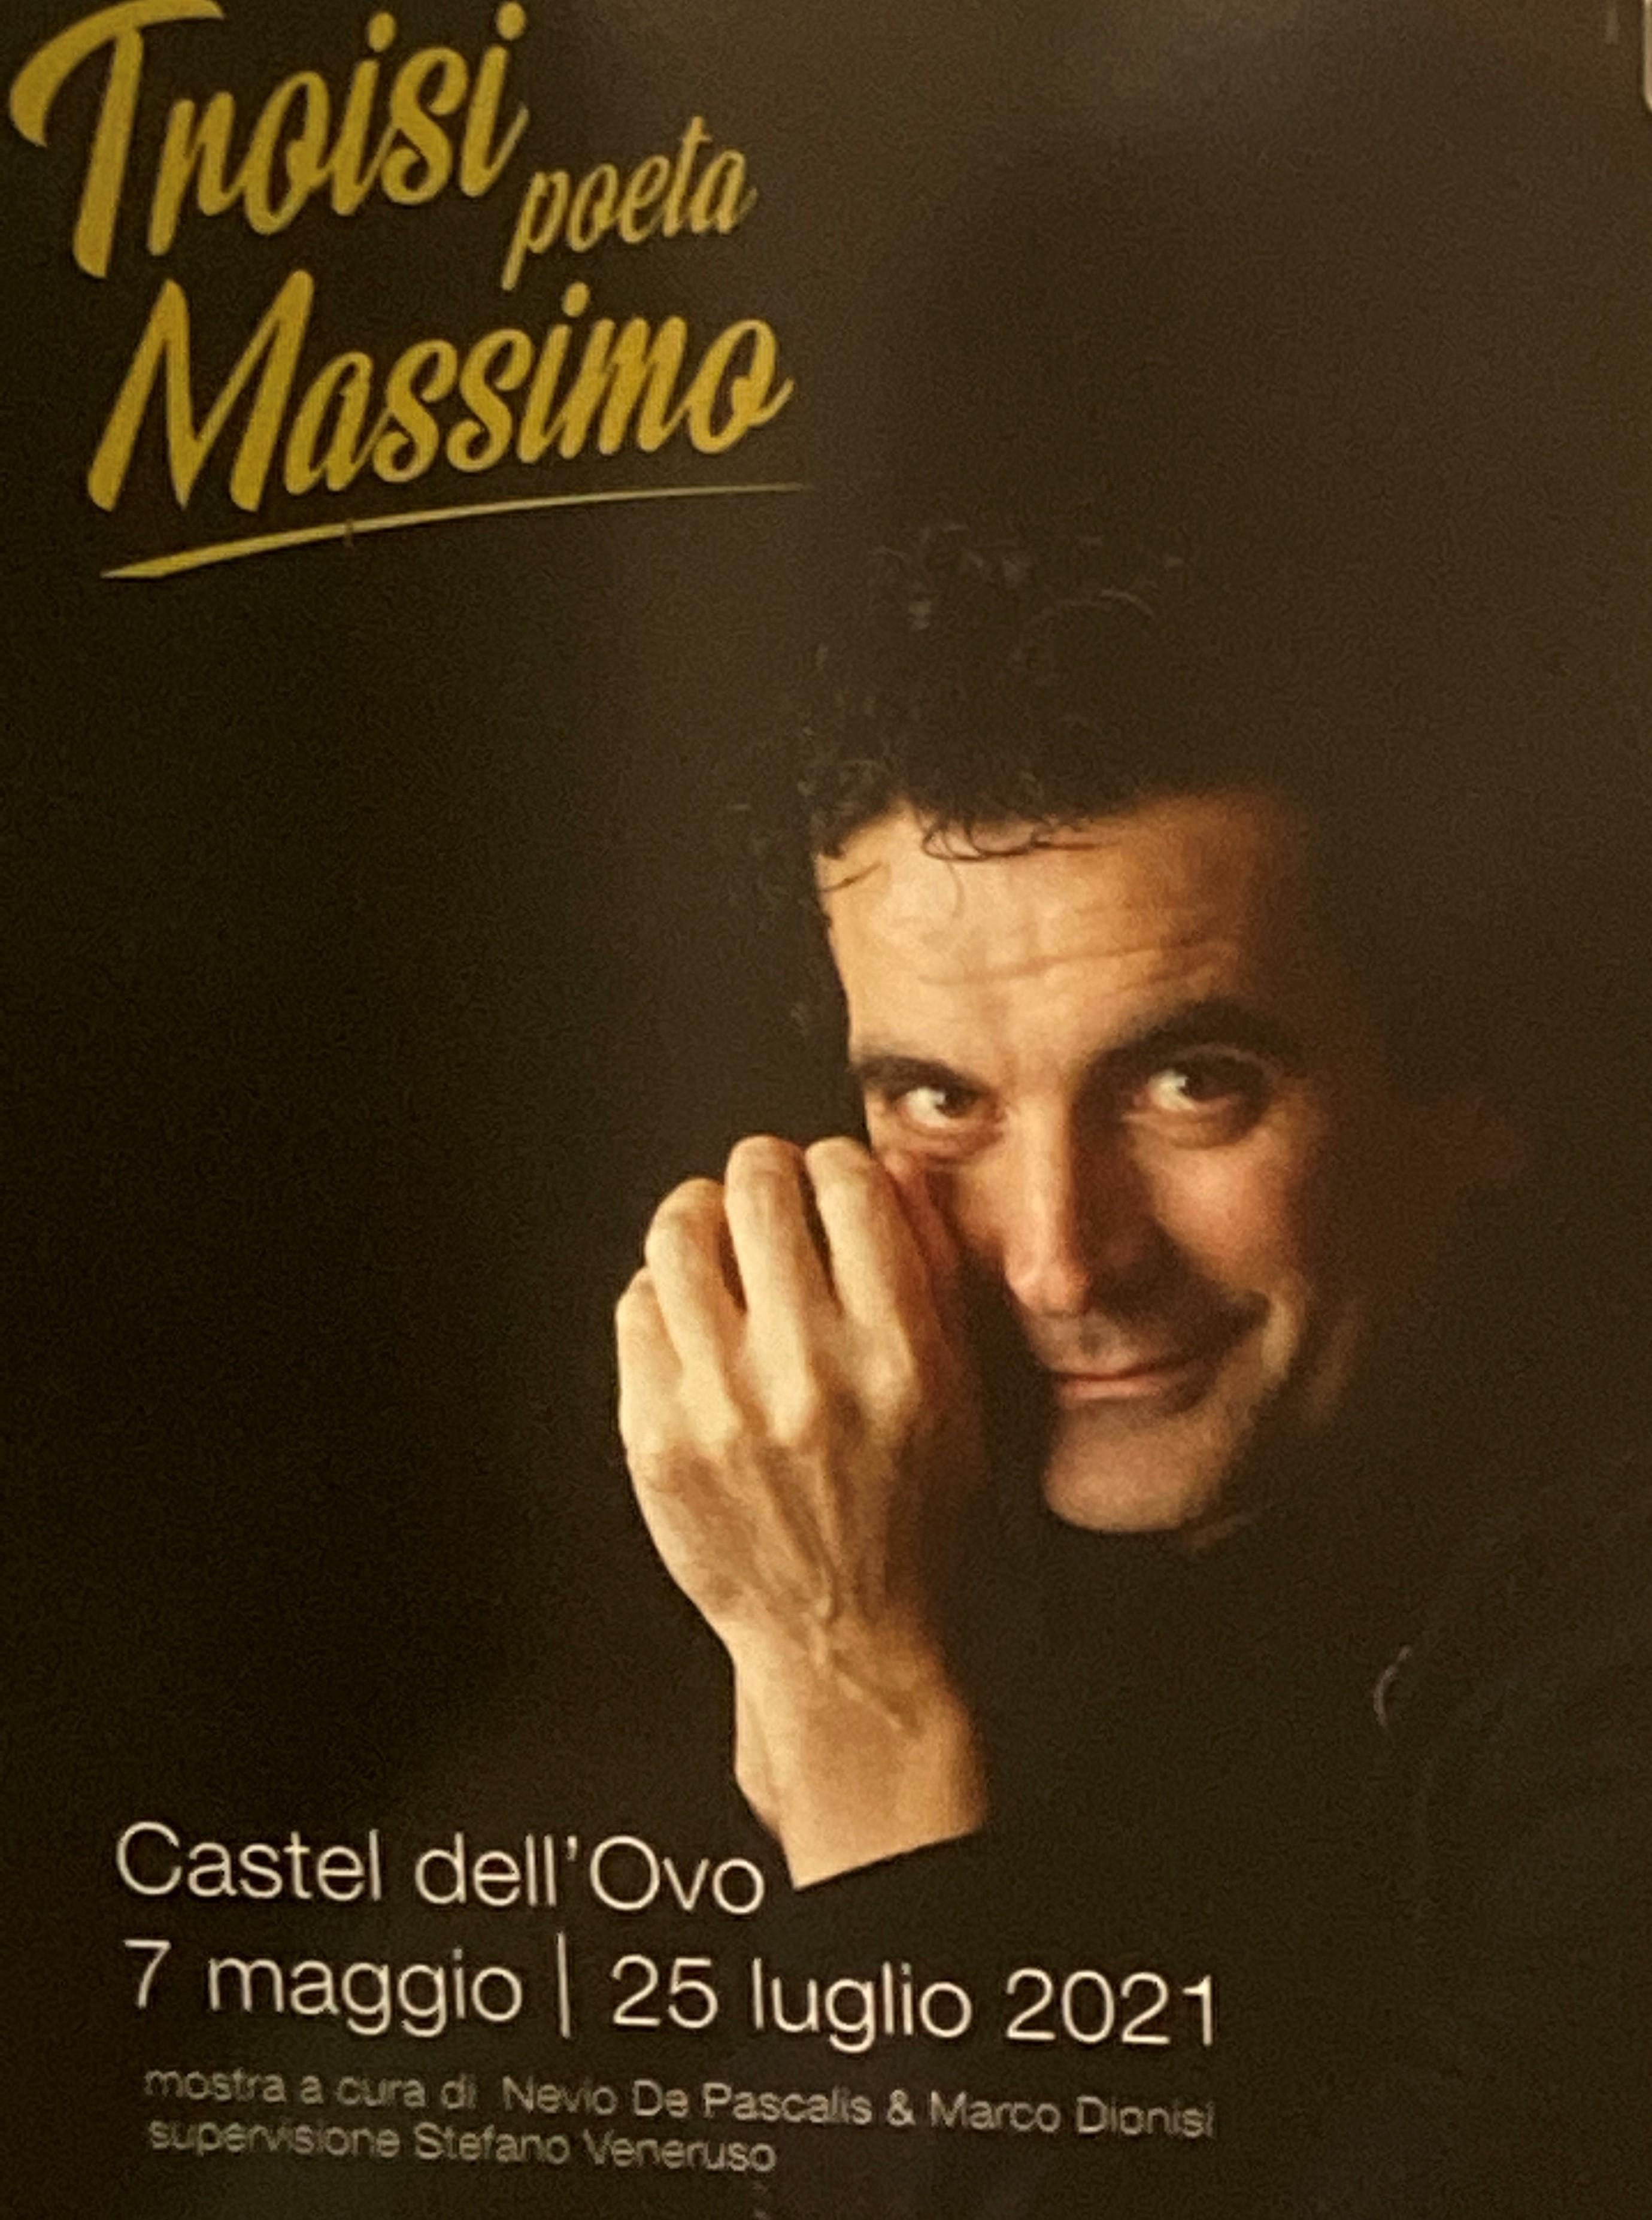 Massimo Troisi Poeta Napoli Castel dell'Ovo